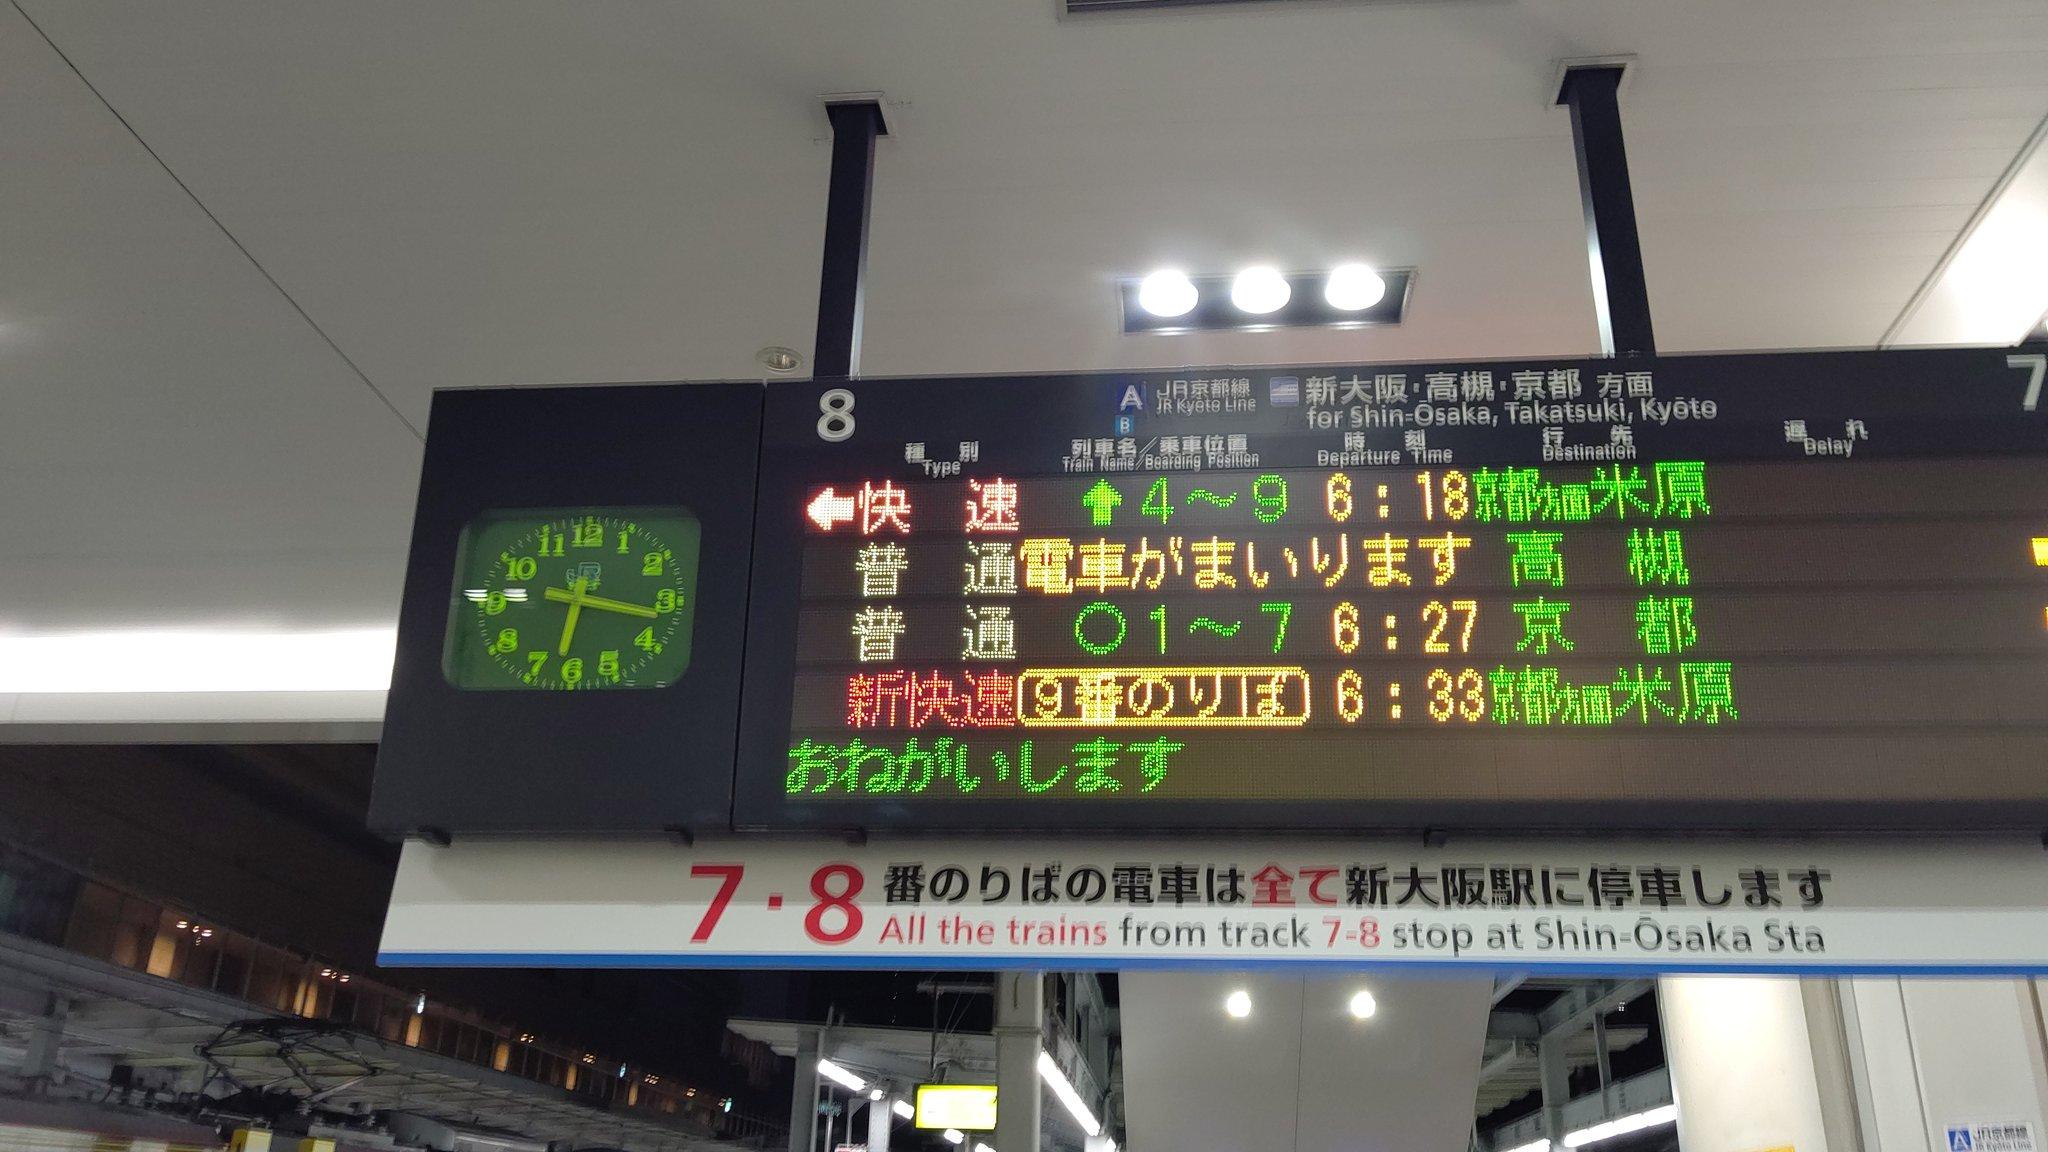 画像,大阪から京都線快速で米原へ。茨木で人と接触があったらしい。運転見あわせの可能性ありやって。新大阪で京都までワープするか? https://t.co/785Im8…